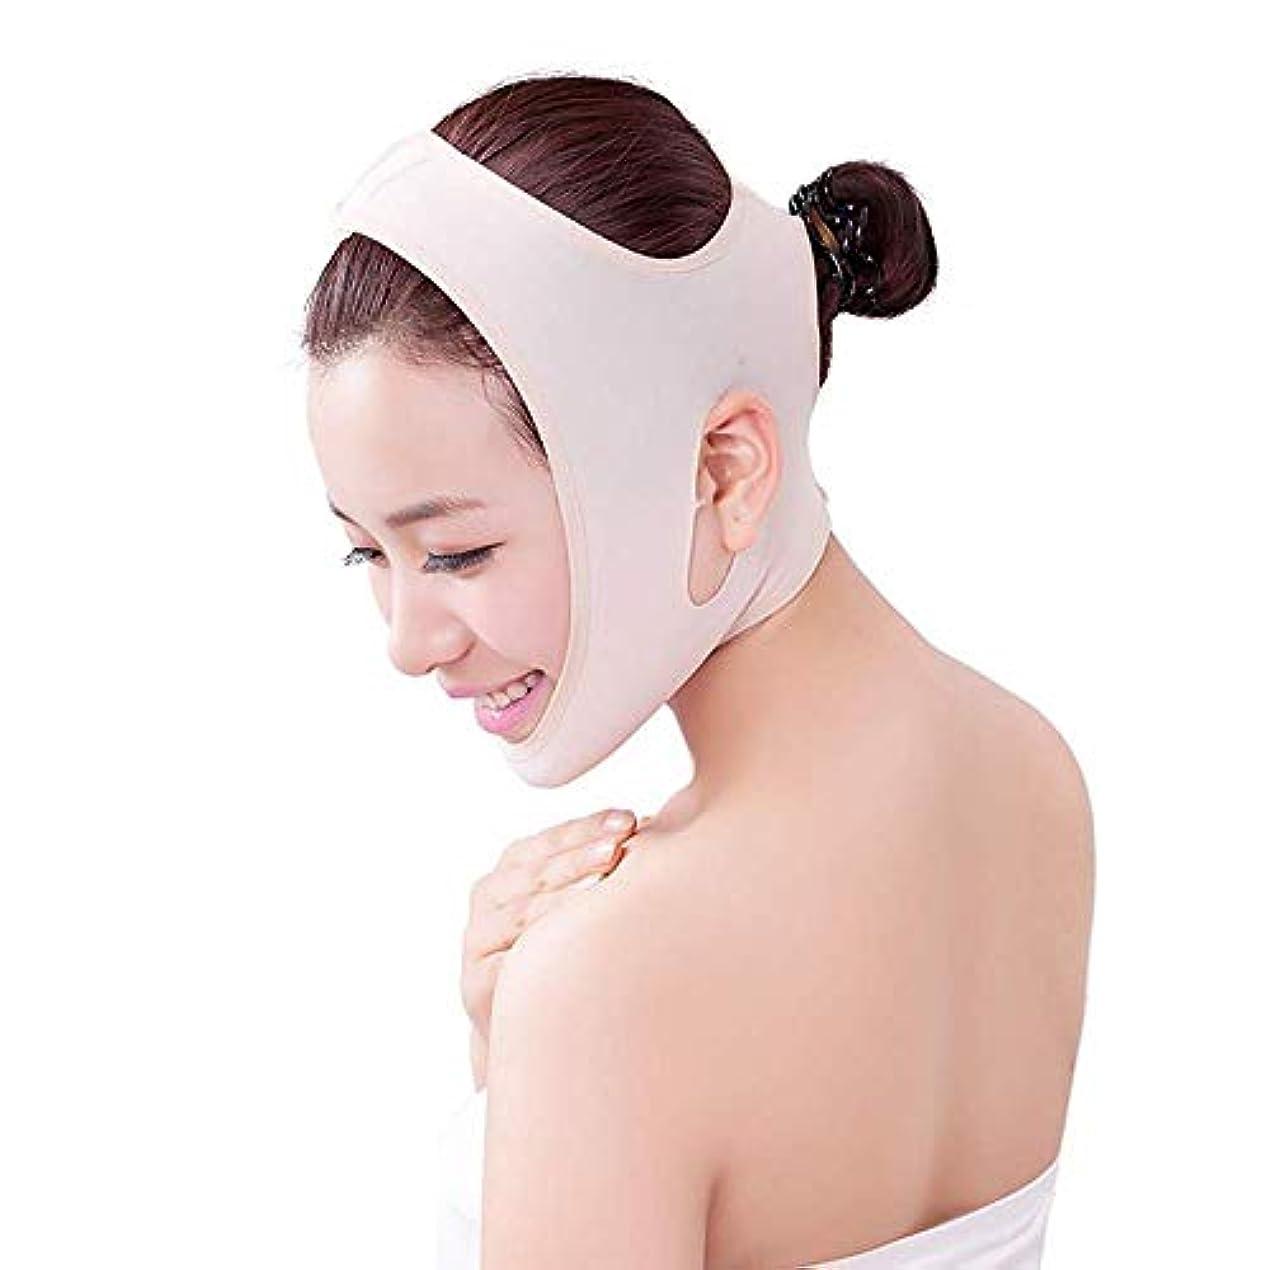 モンク黙それから薄型フェイスベルト - 男性用および女性用の包帯をフランスの顔用リフティングマスク器具に引き締める薄型フェイスVフェイス薄型ダブルチンフェイスリフティングベルト(サイズ:M),M